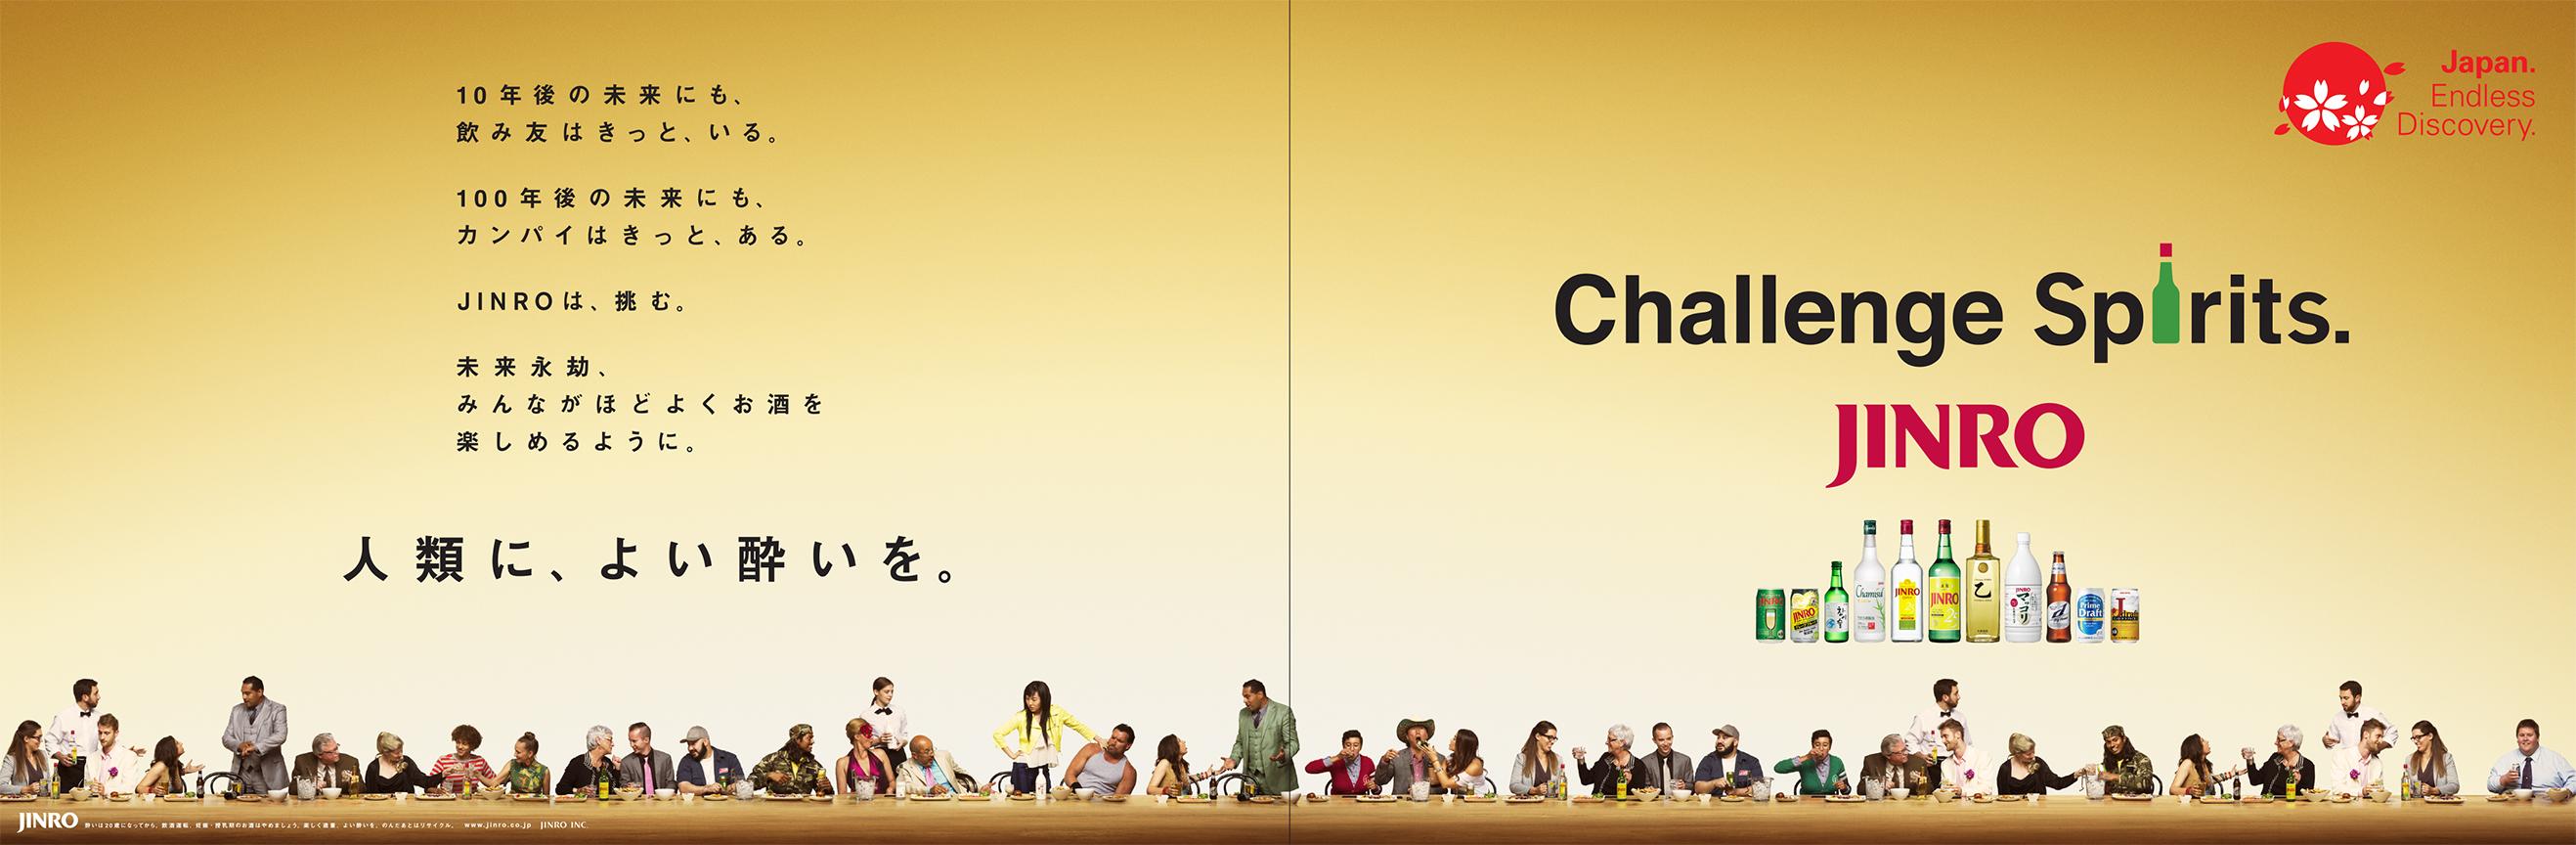 Jingo Print Haneda airport billboard,